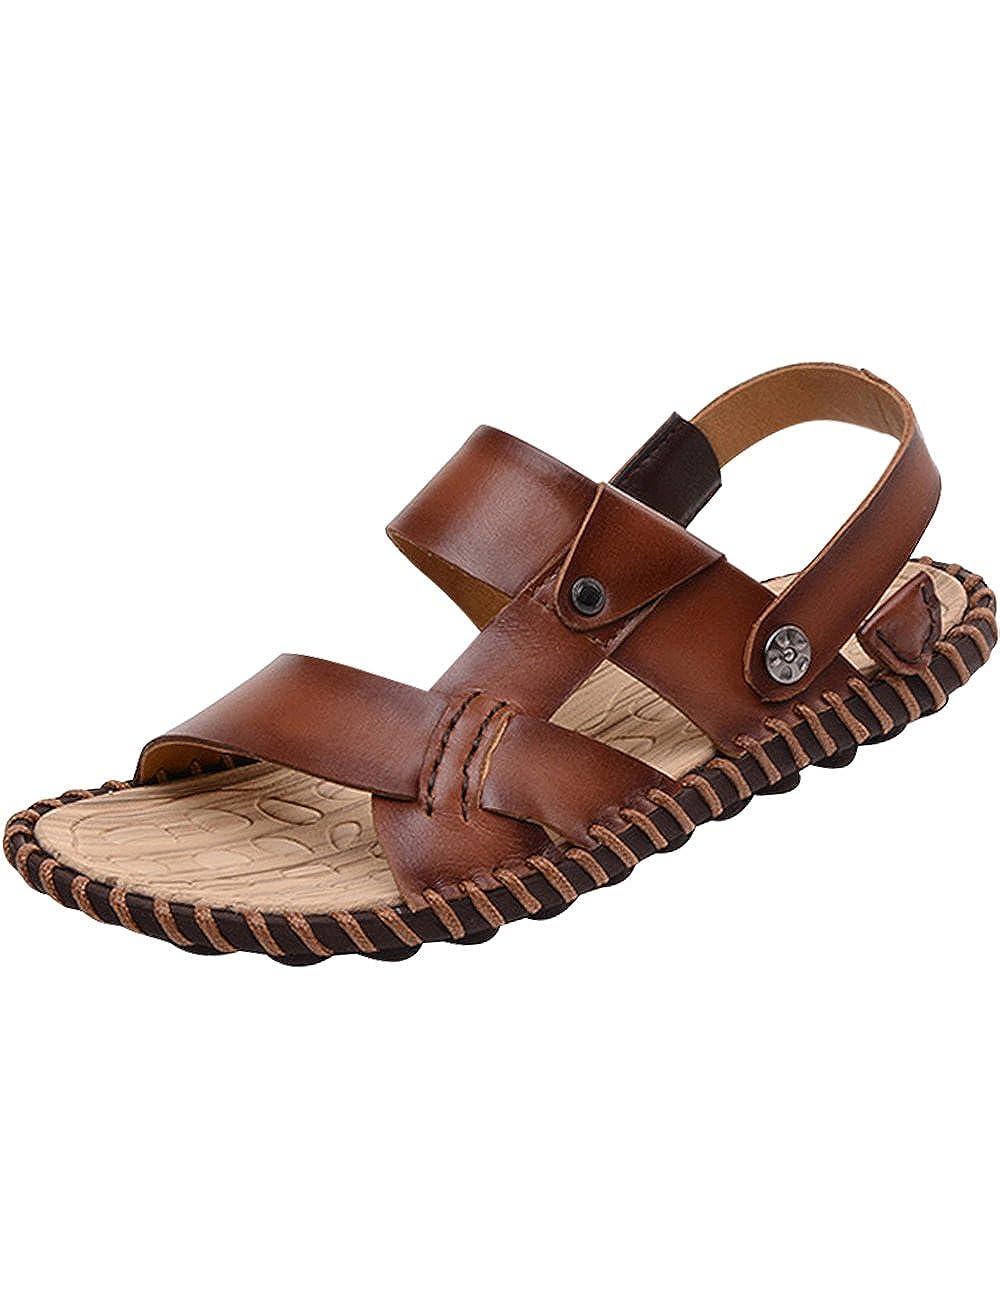 Youlee Herren Leder Flip Flops Slip on Sandalen 1 für den Sommer Style 1 Sandalen Dunkelbraun 553479